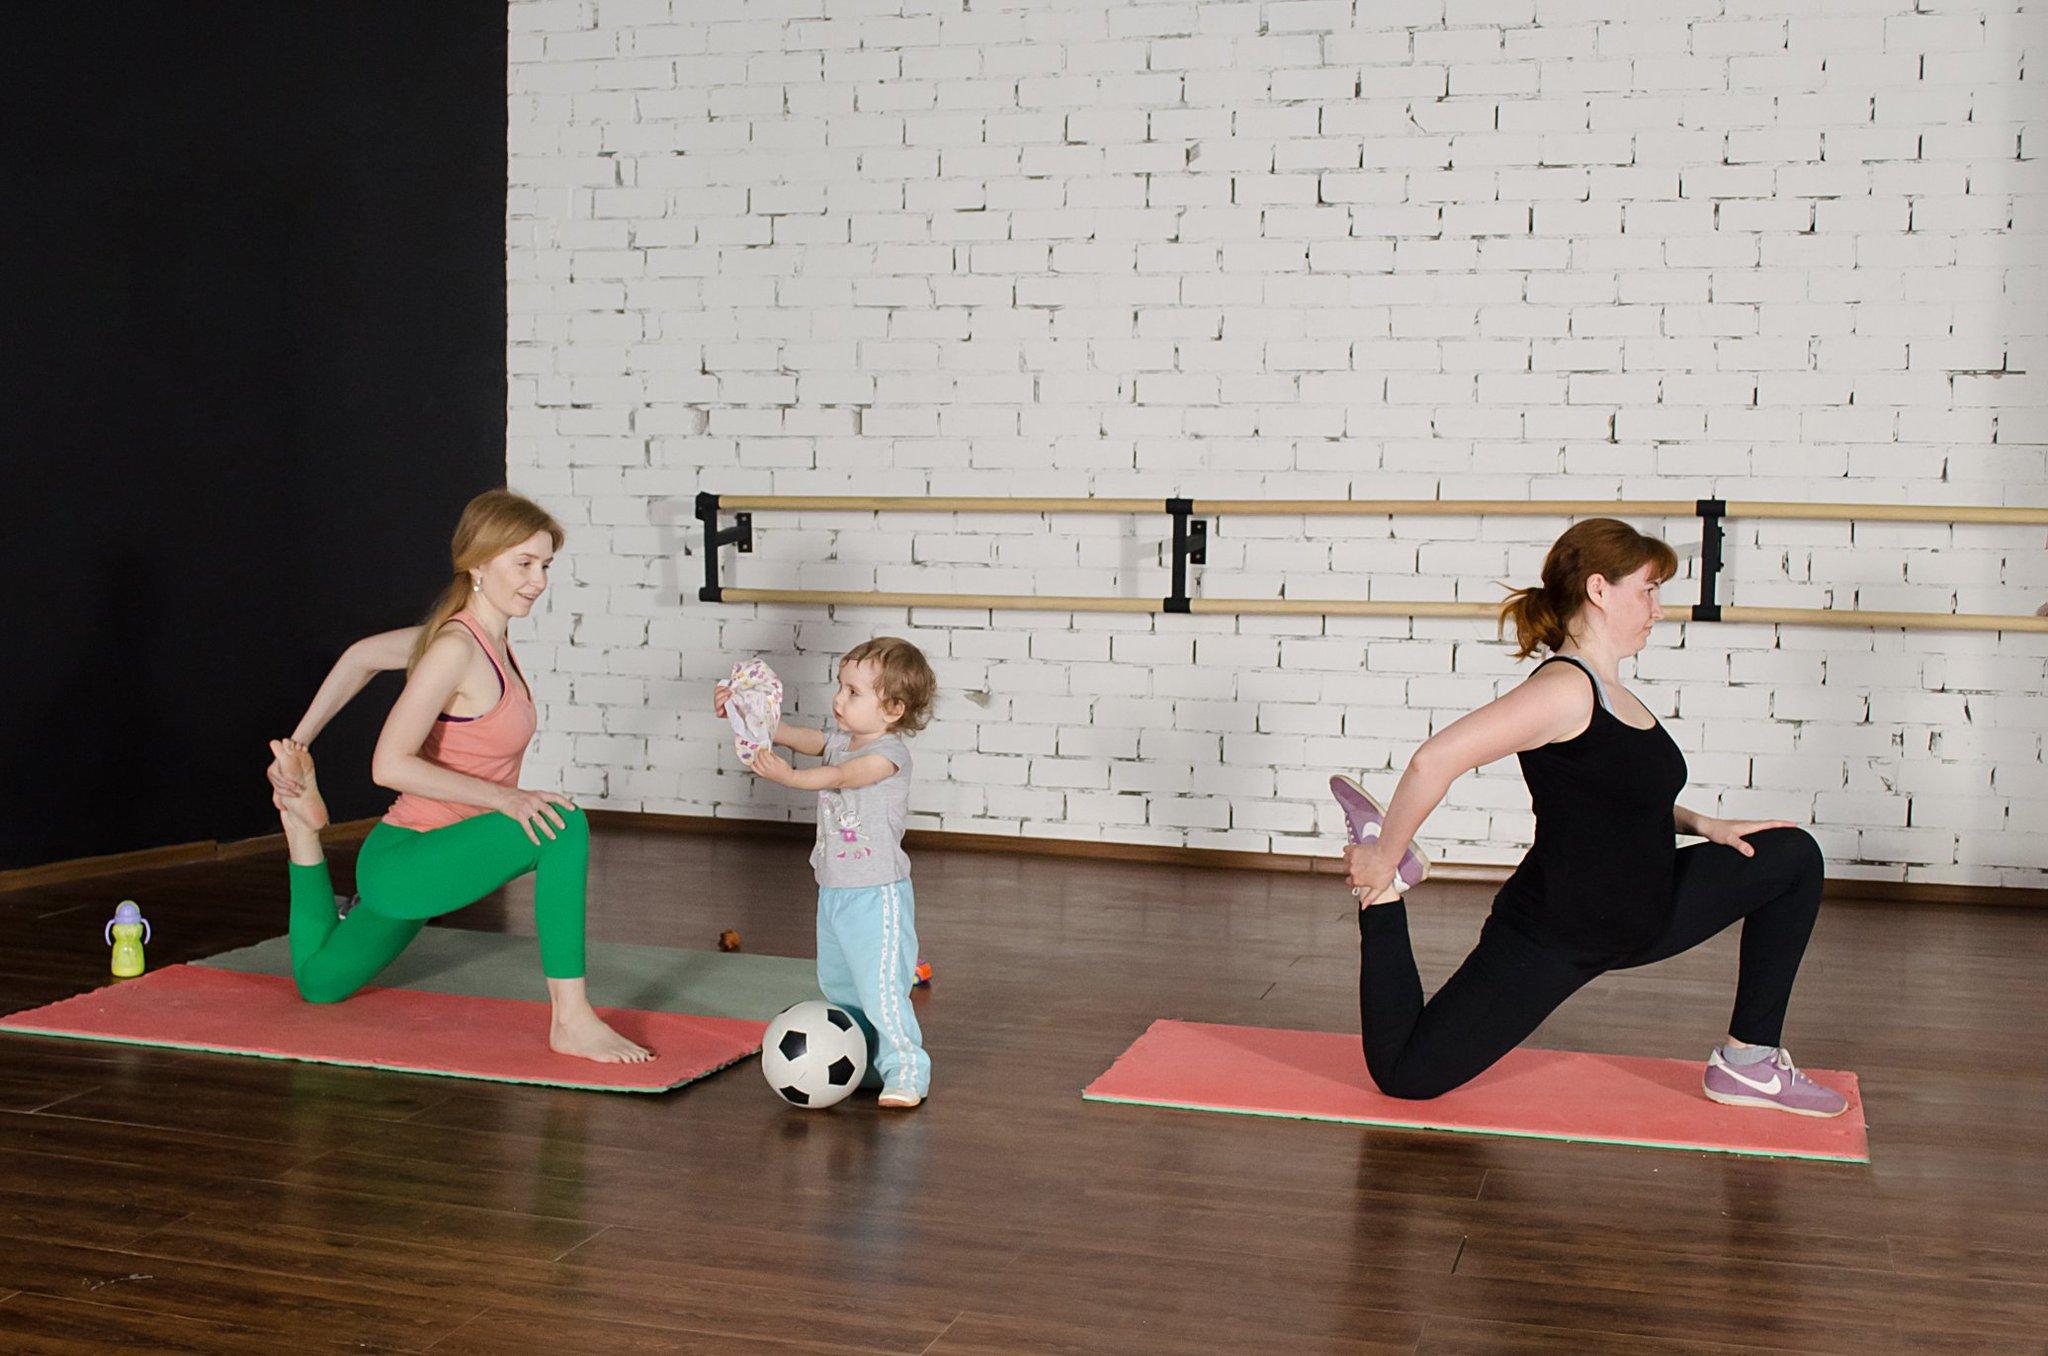 Фитнес с малышом. занятия спортом после родов дома для мамы и ребёнка - фото, видео, программы тренировок – fitness_s_baby